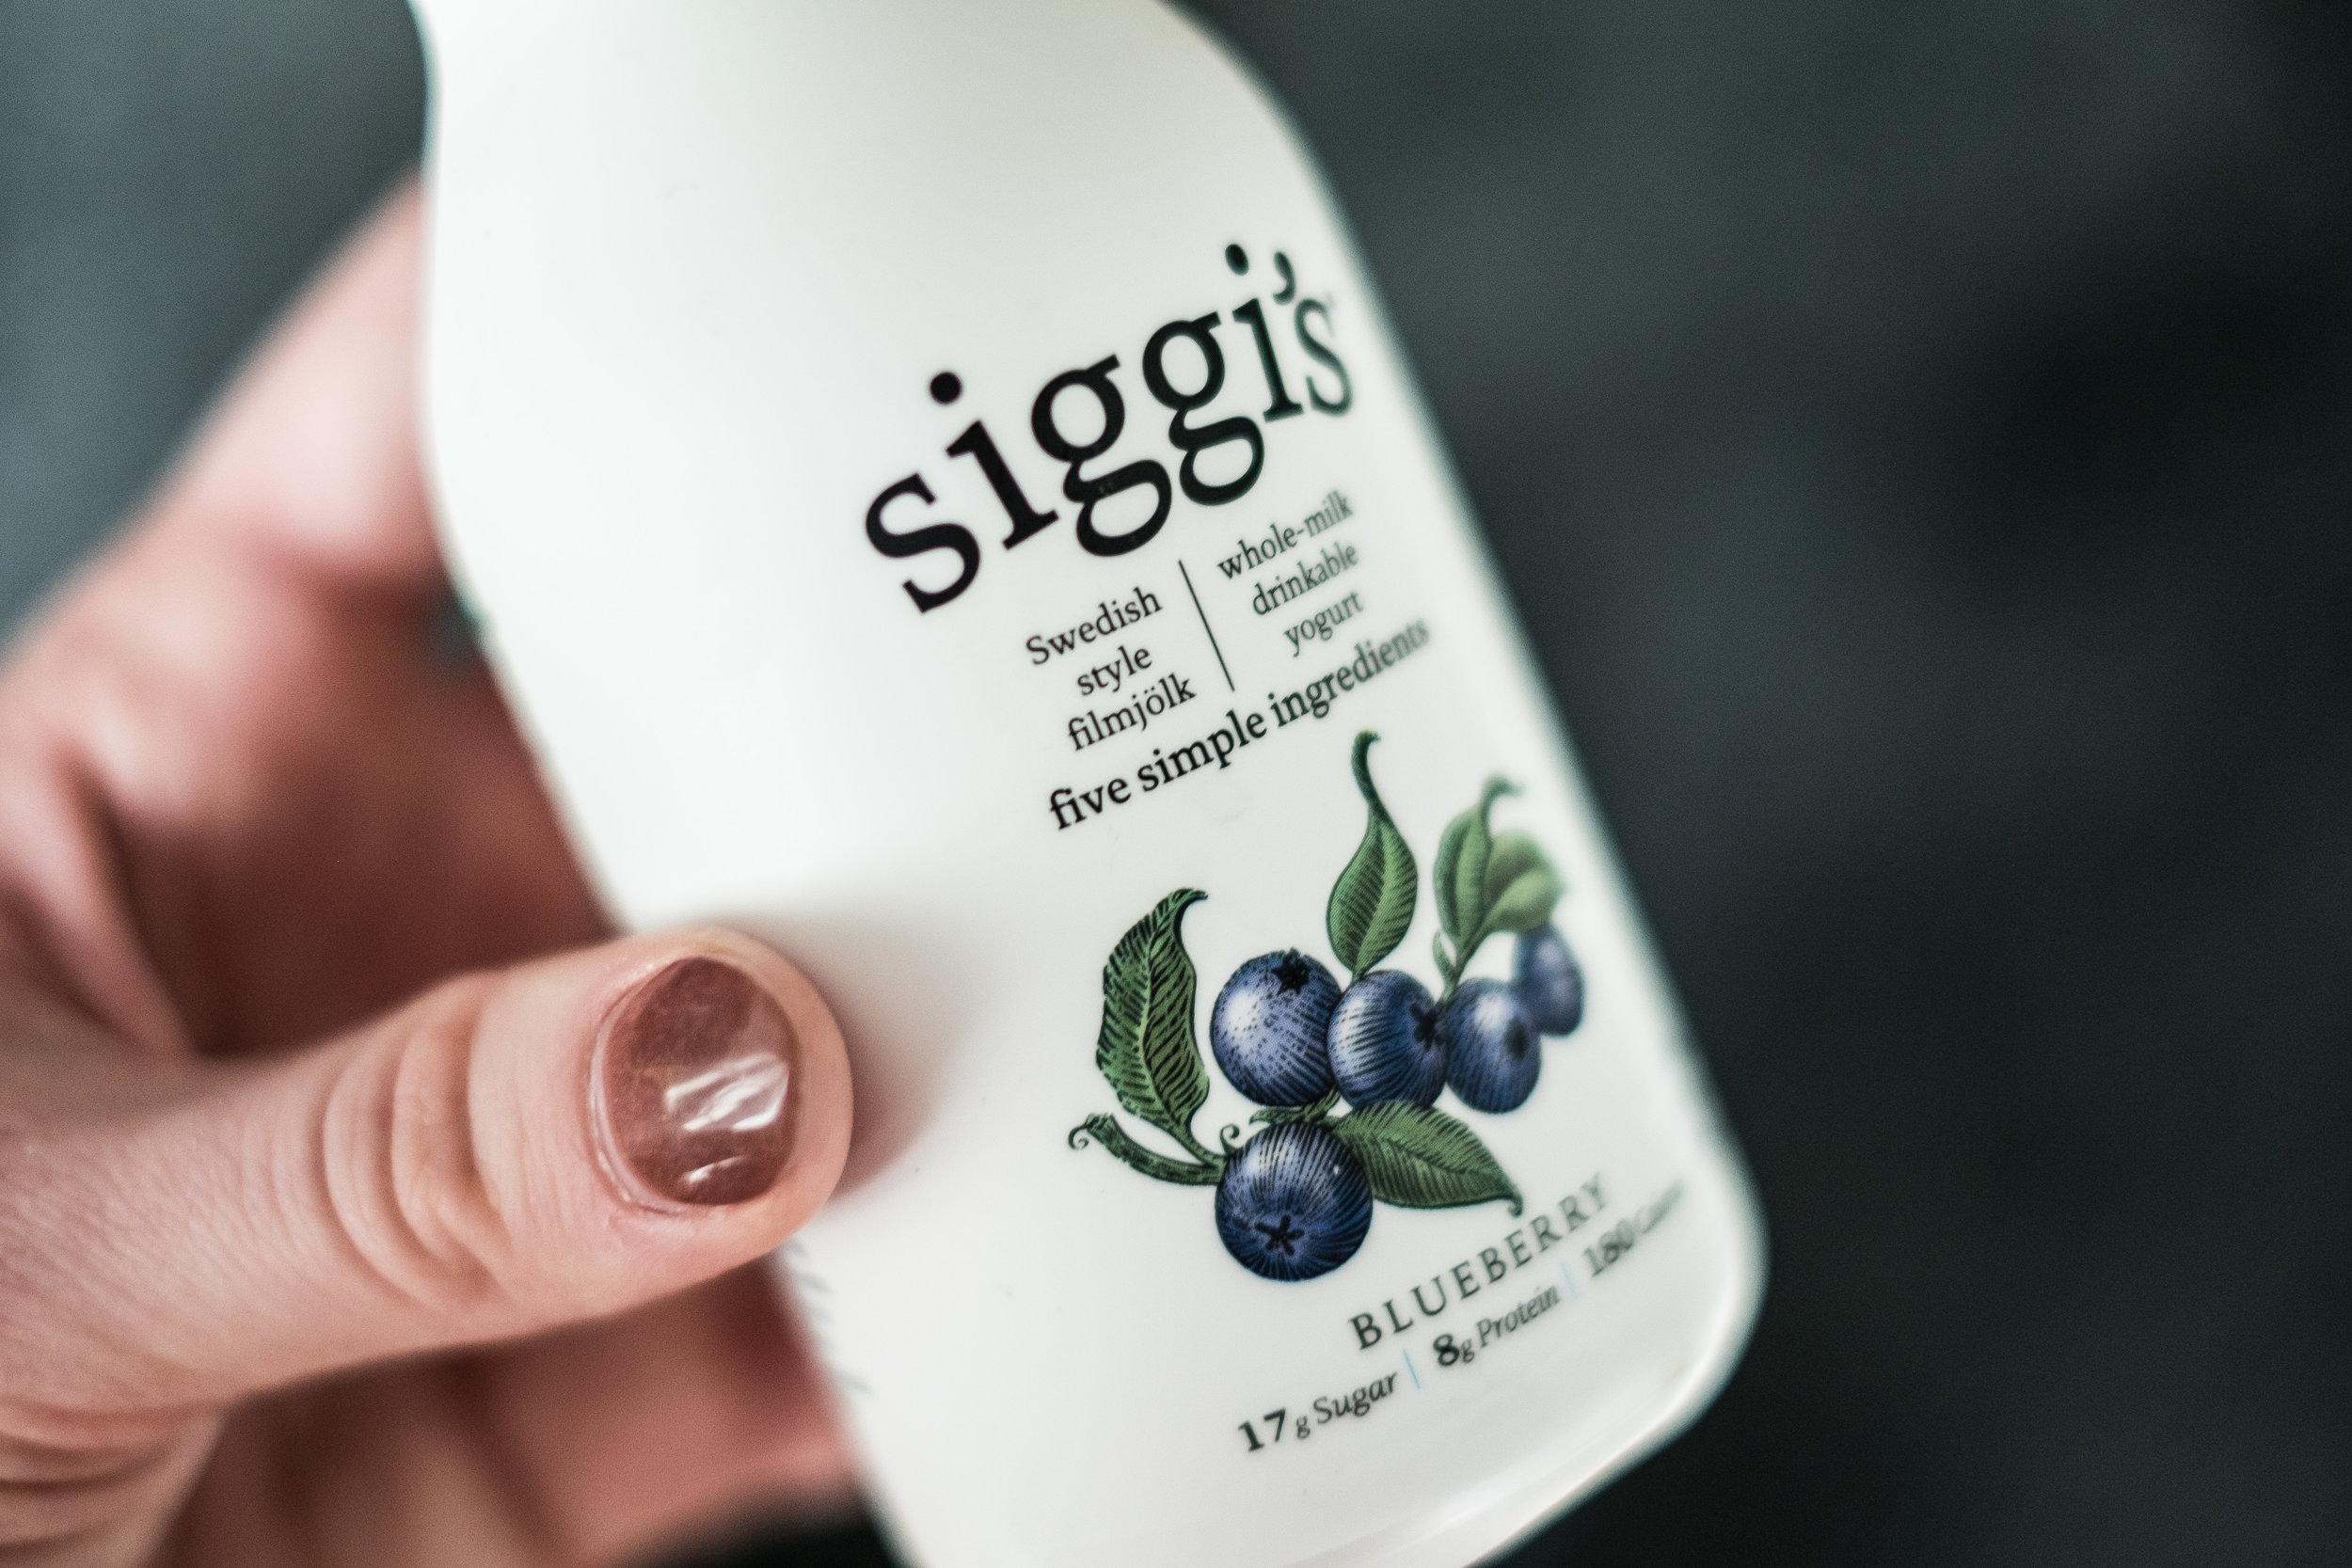 siggi's atl food blogger-4.jpg